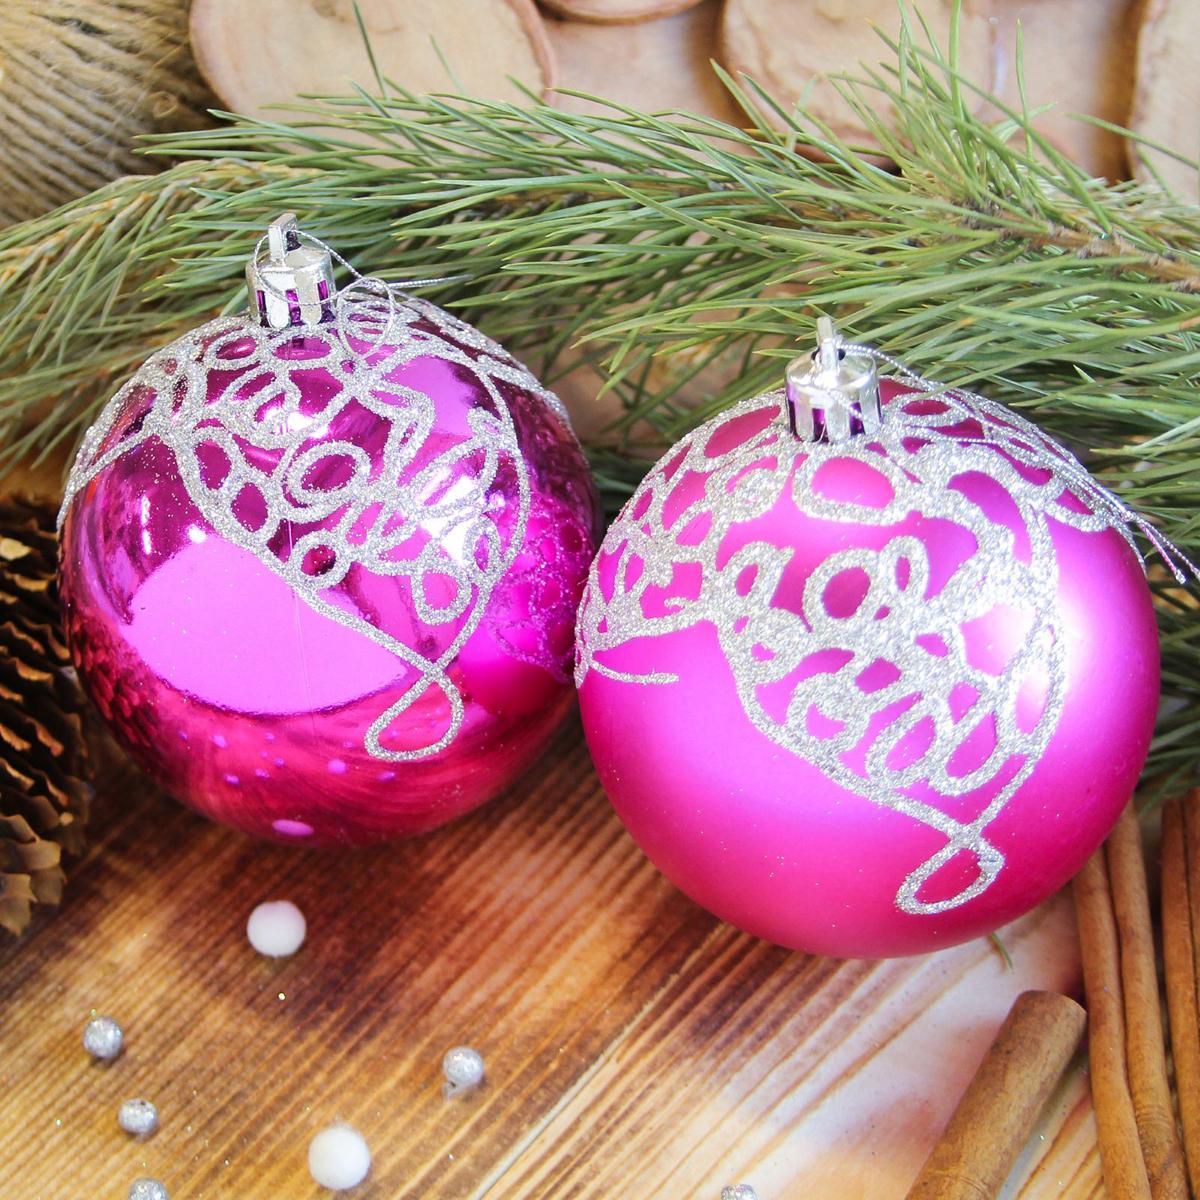 Набор новогодних подвесных украшений Sima-land Кружева, цвет: малиновый, диаметр 8 см, 6 шт2122984Набор новогодних подвесных украшений Sima-land отлично подойдет для декорации вашего дома и новогодней ели. С помощью специальной петельки украшение можно повесить в любом понравившемся вам месте. Но, конечно, удачнее всего оно будет смотреться на праздничной елке. Елочная игрушка - символ Нового года. Она несет в себе волшебство и красоту праздника. Создайте в своем доме атмосферу веселья и радости, украшая новогоднюю елку нарядными игрушками, которые будут из года в год накапливать теплоту воспоминаний.